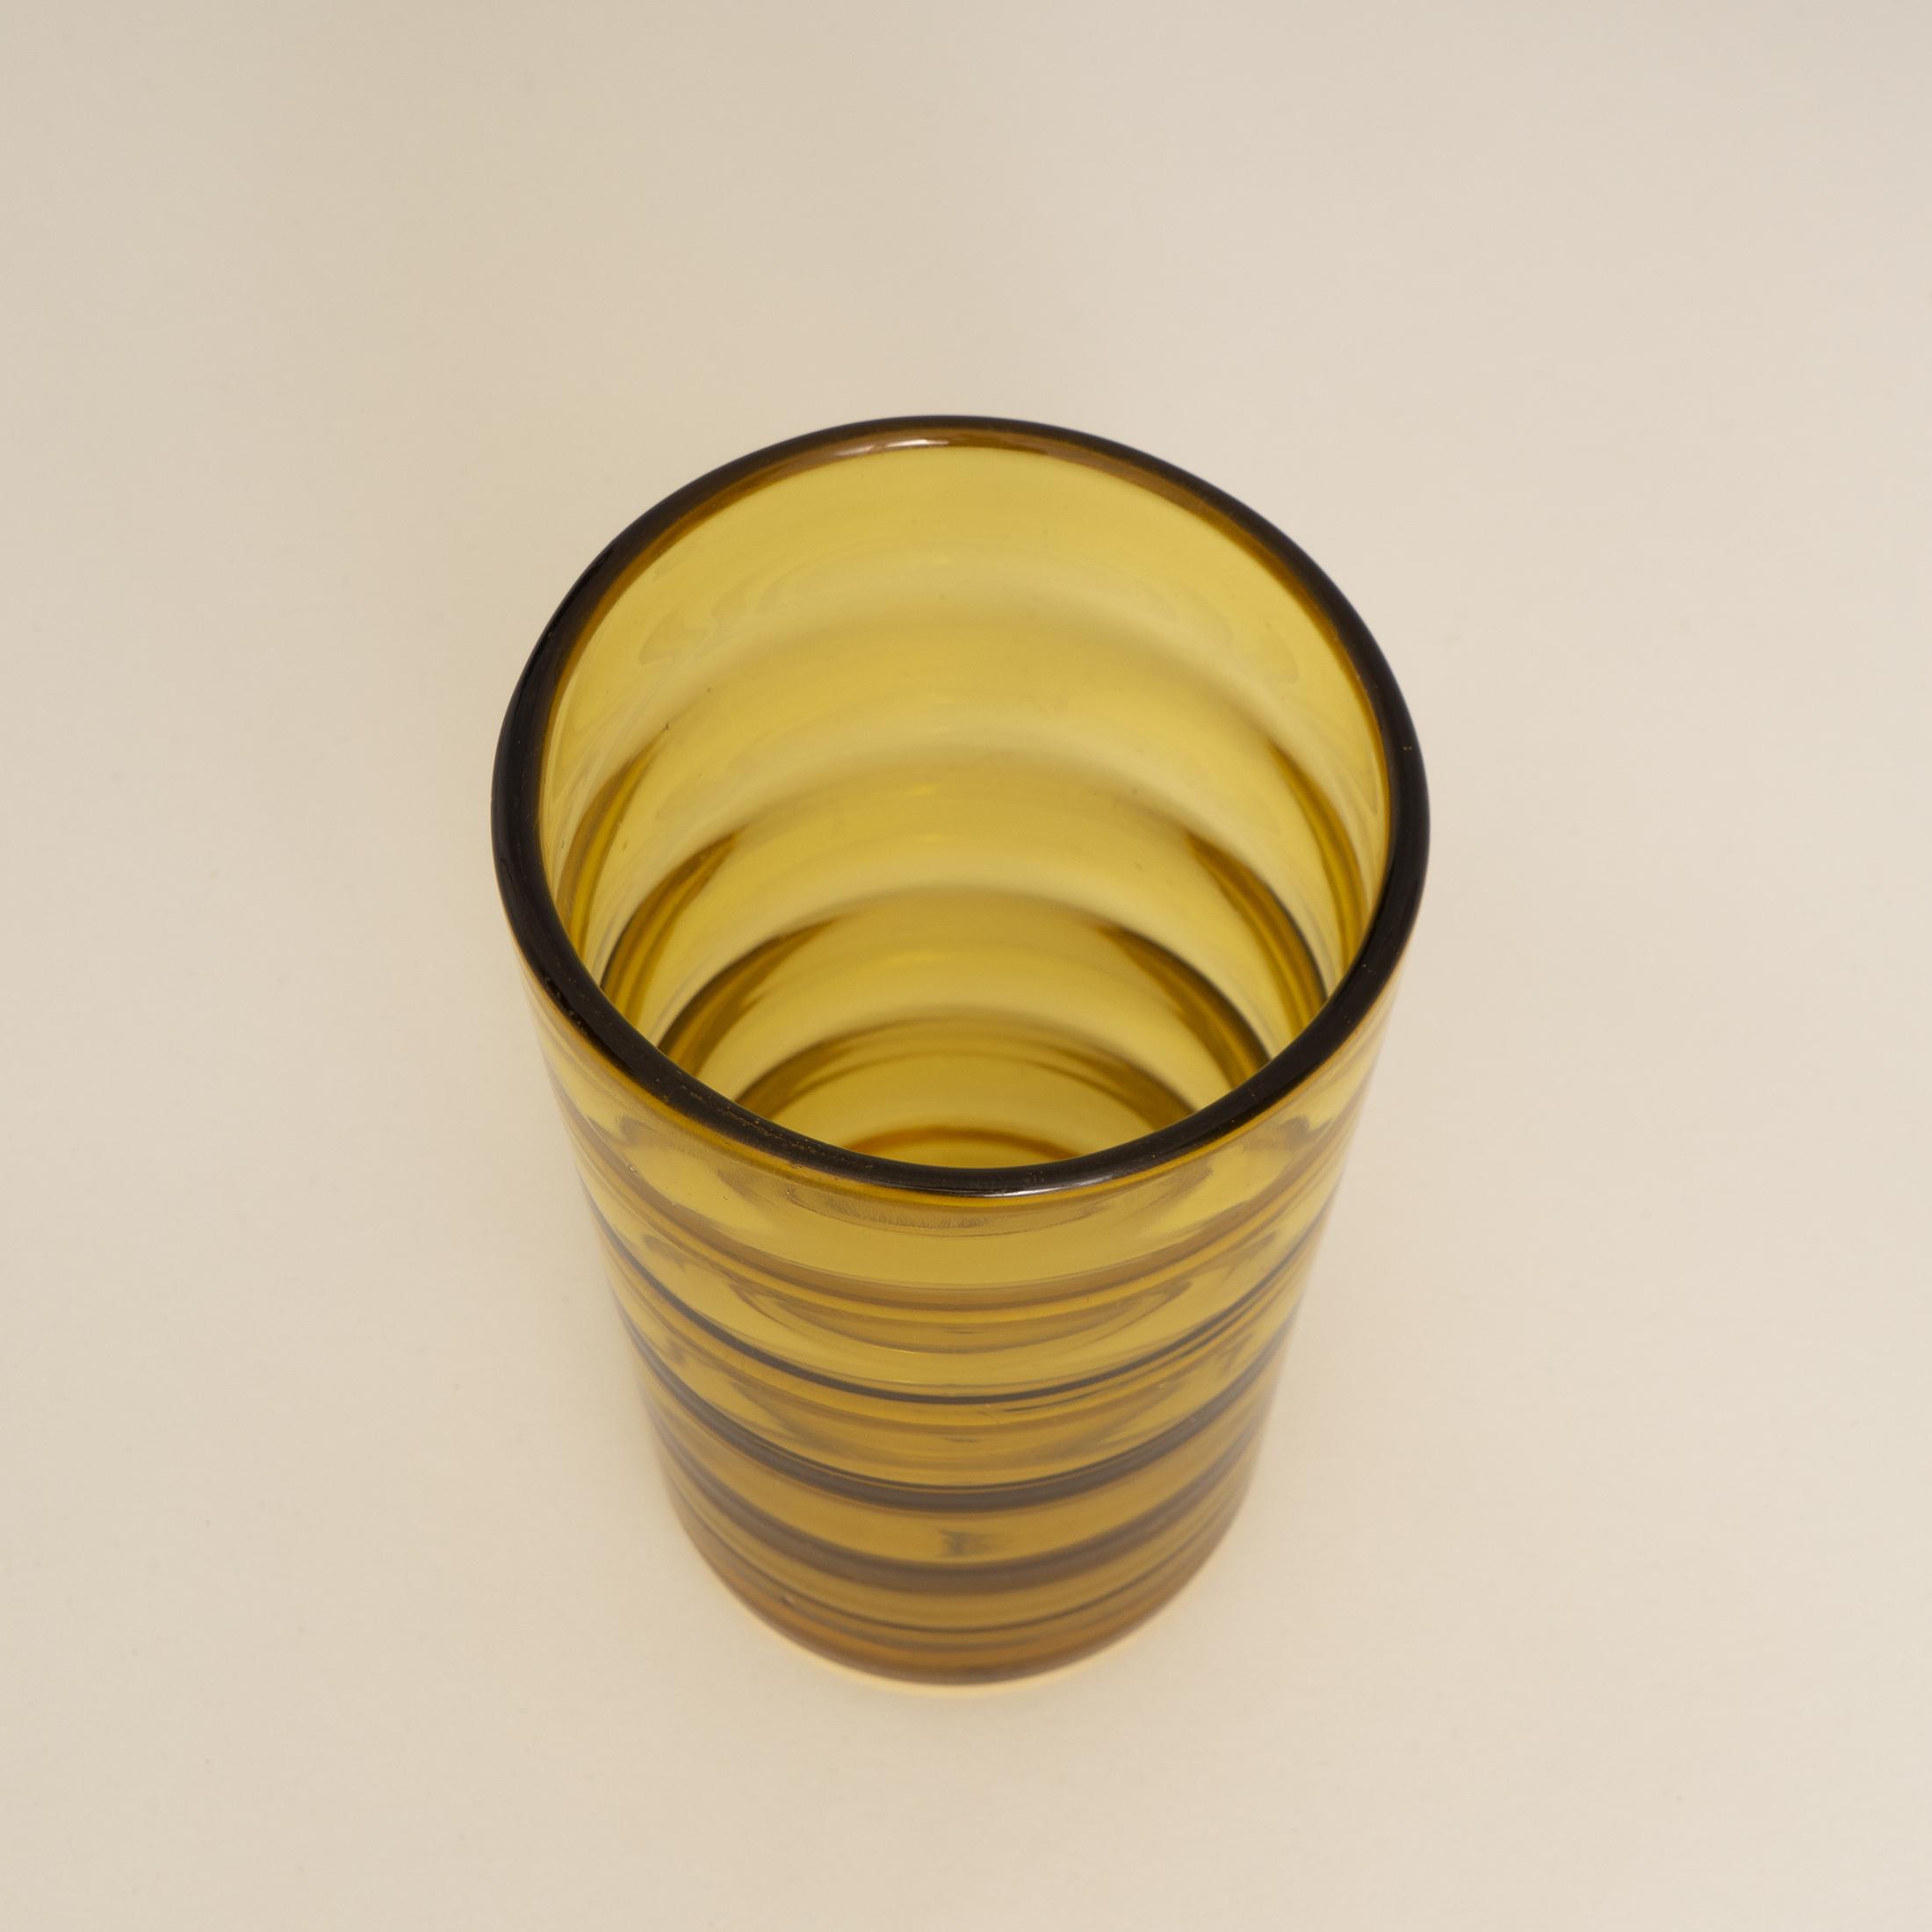 Glass Vase 2 1289